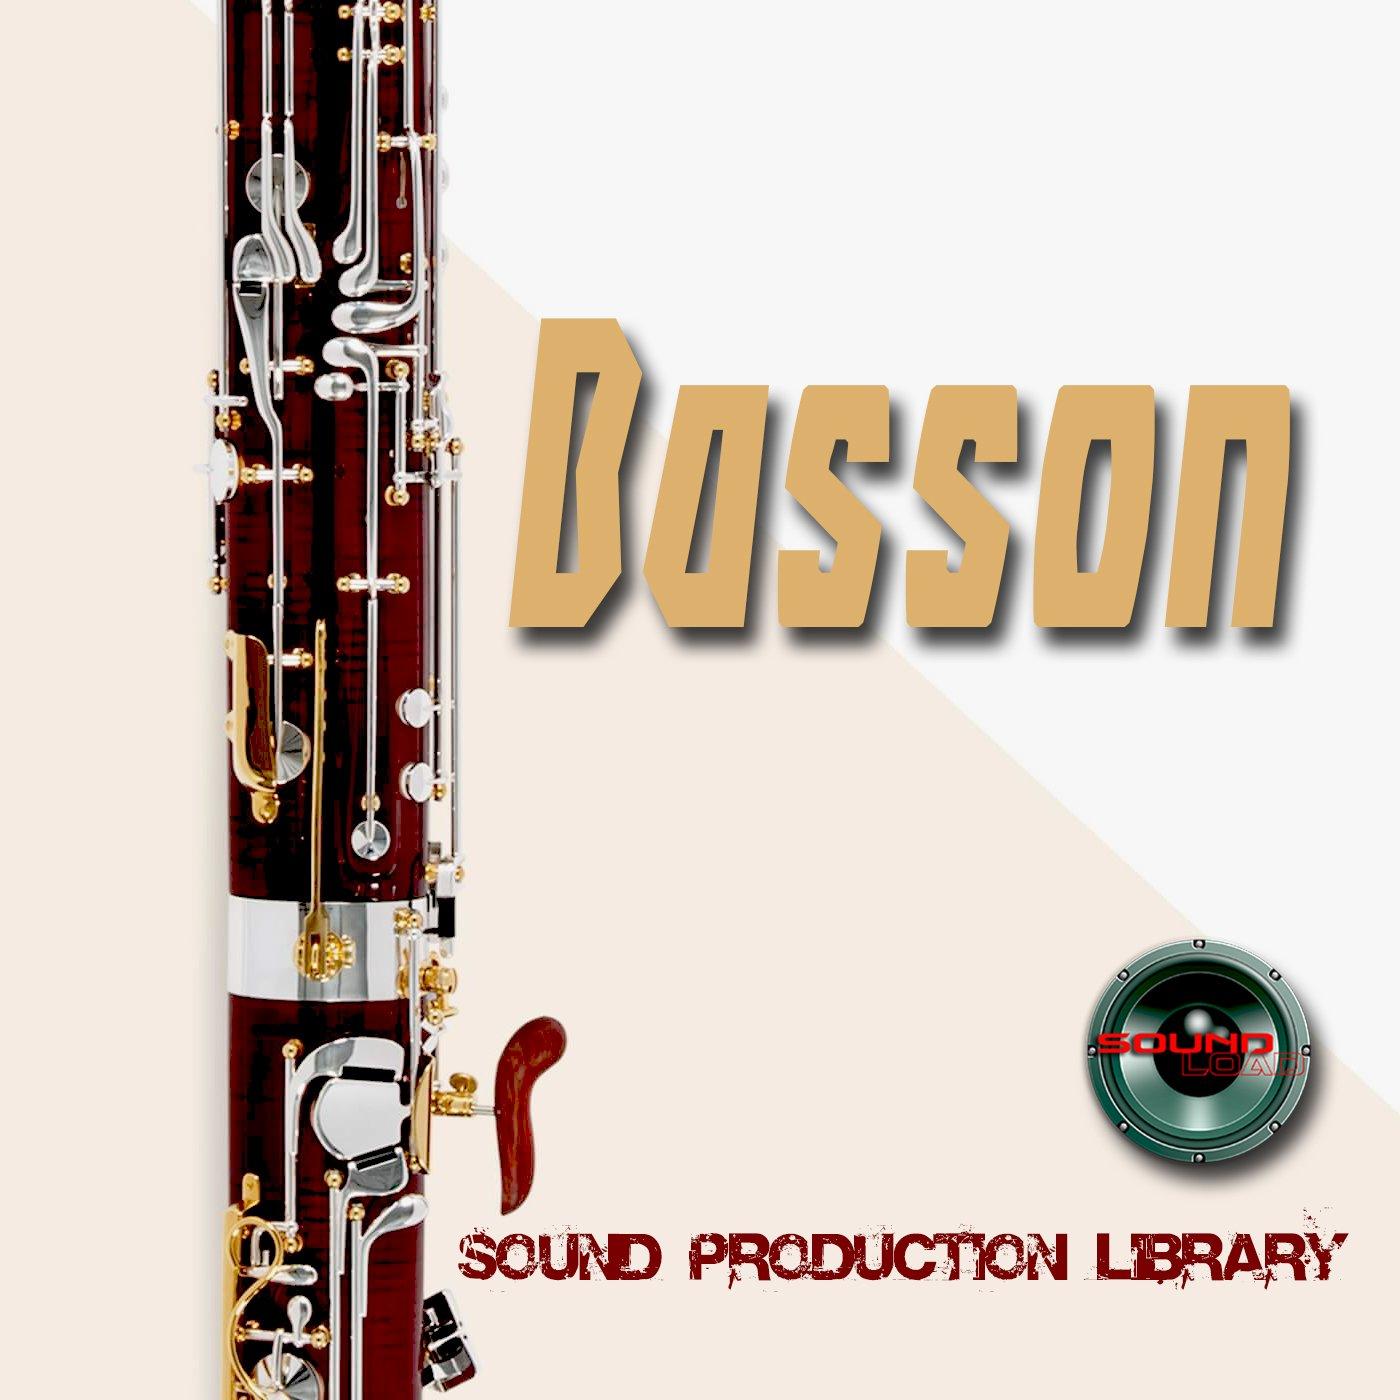 Oboe dAmore - Huge Unique 24bit WAVE/KONTAKT Multi-Layer Studio Samples Production Library on DVD or download by SoundLoad (Image #2)